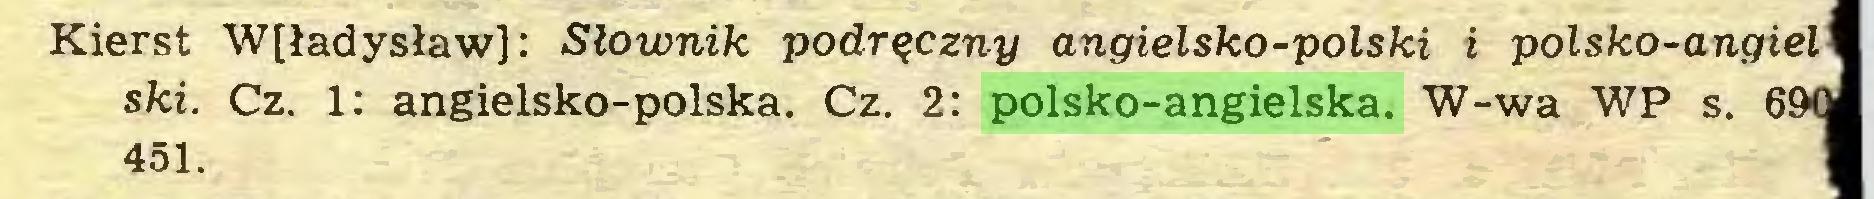 (...) Kierst W[ładysław]: Słownik podręczny angielsko-polski i polsko-angiel ski. Cz. 1: angielsko-polska. Cz. 2: polsko-angielska. W-wa WP s. 69C 451...